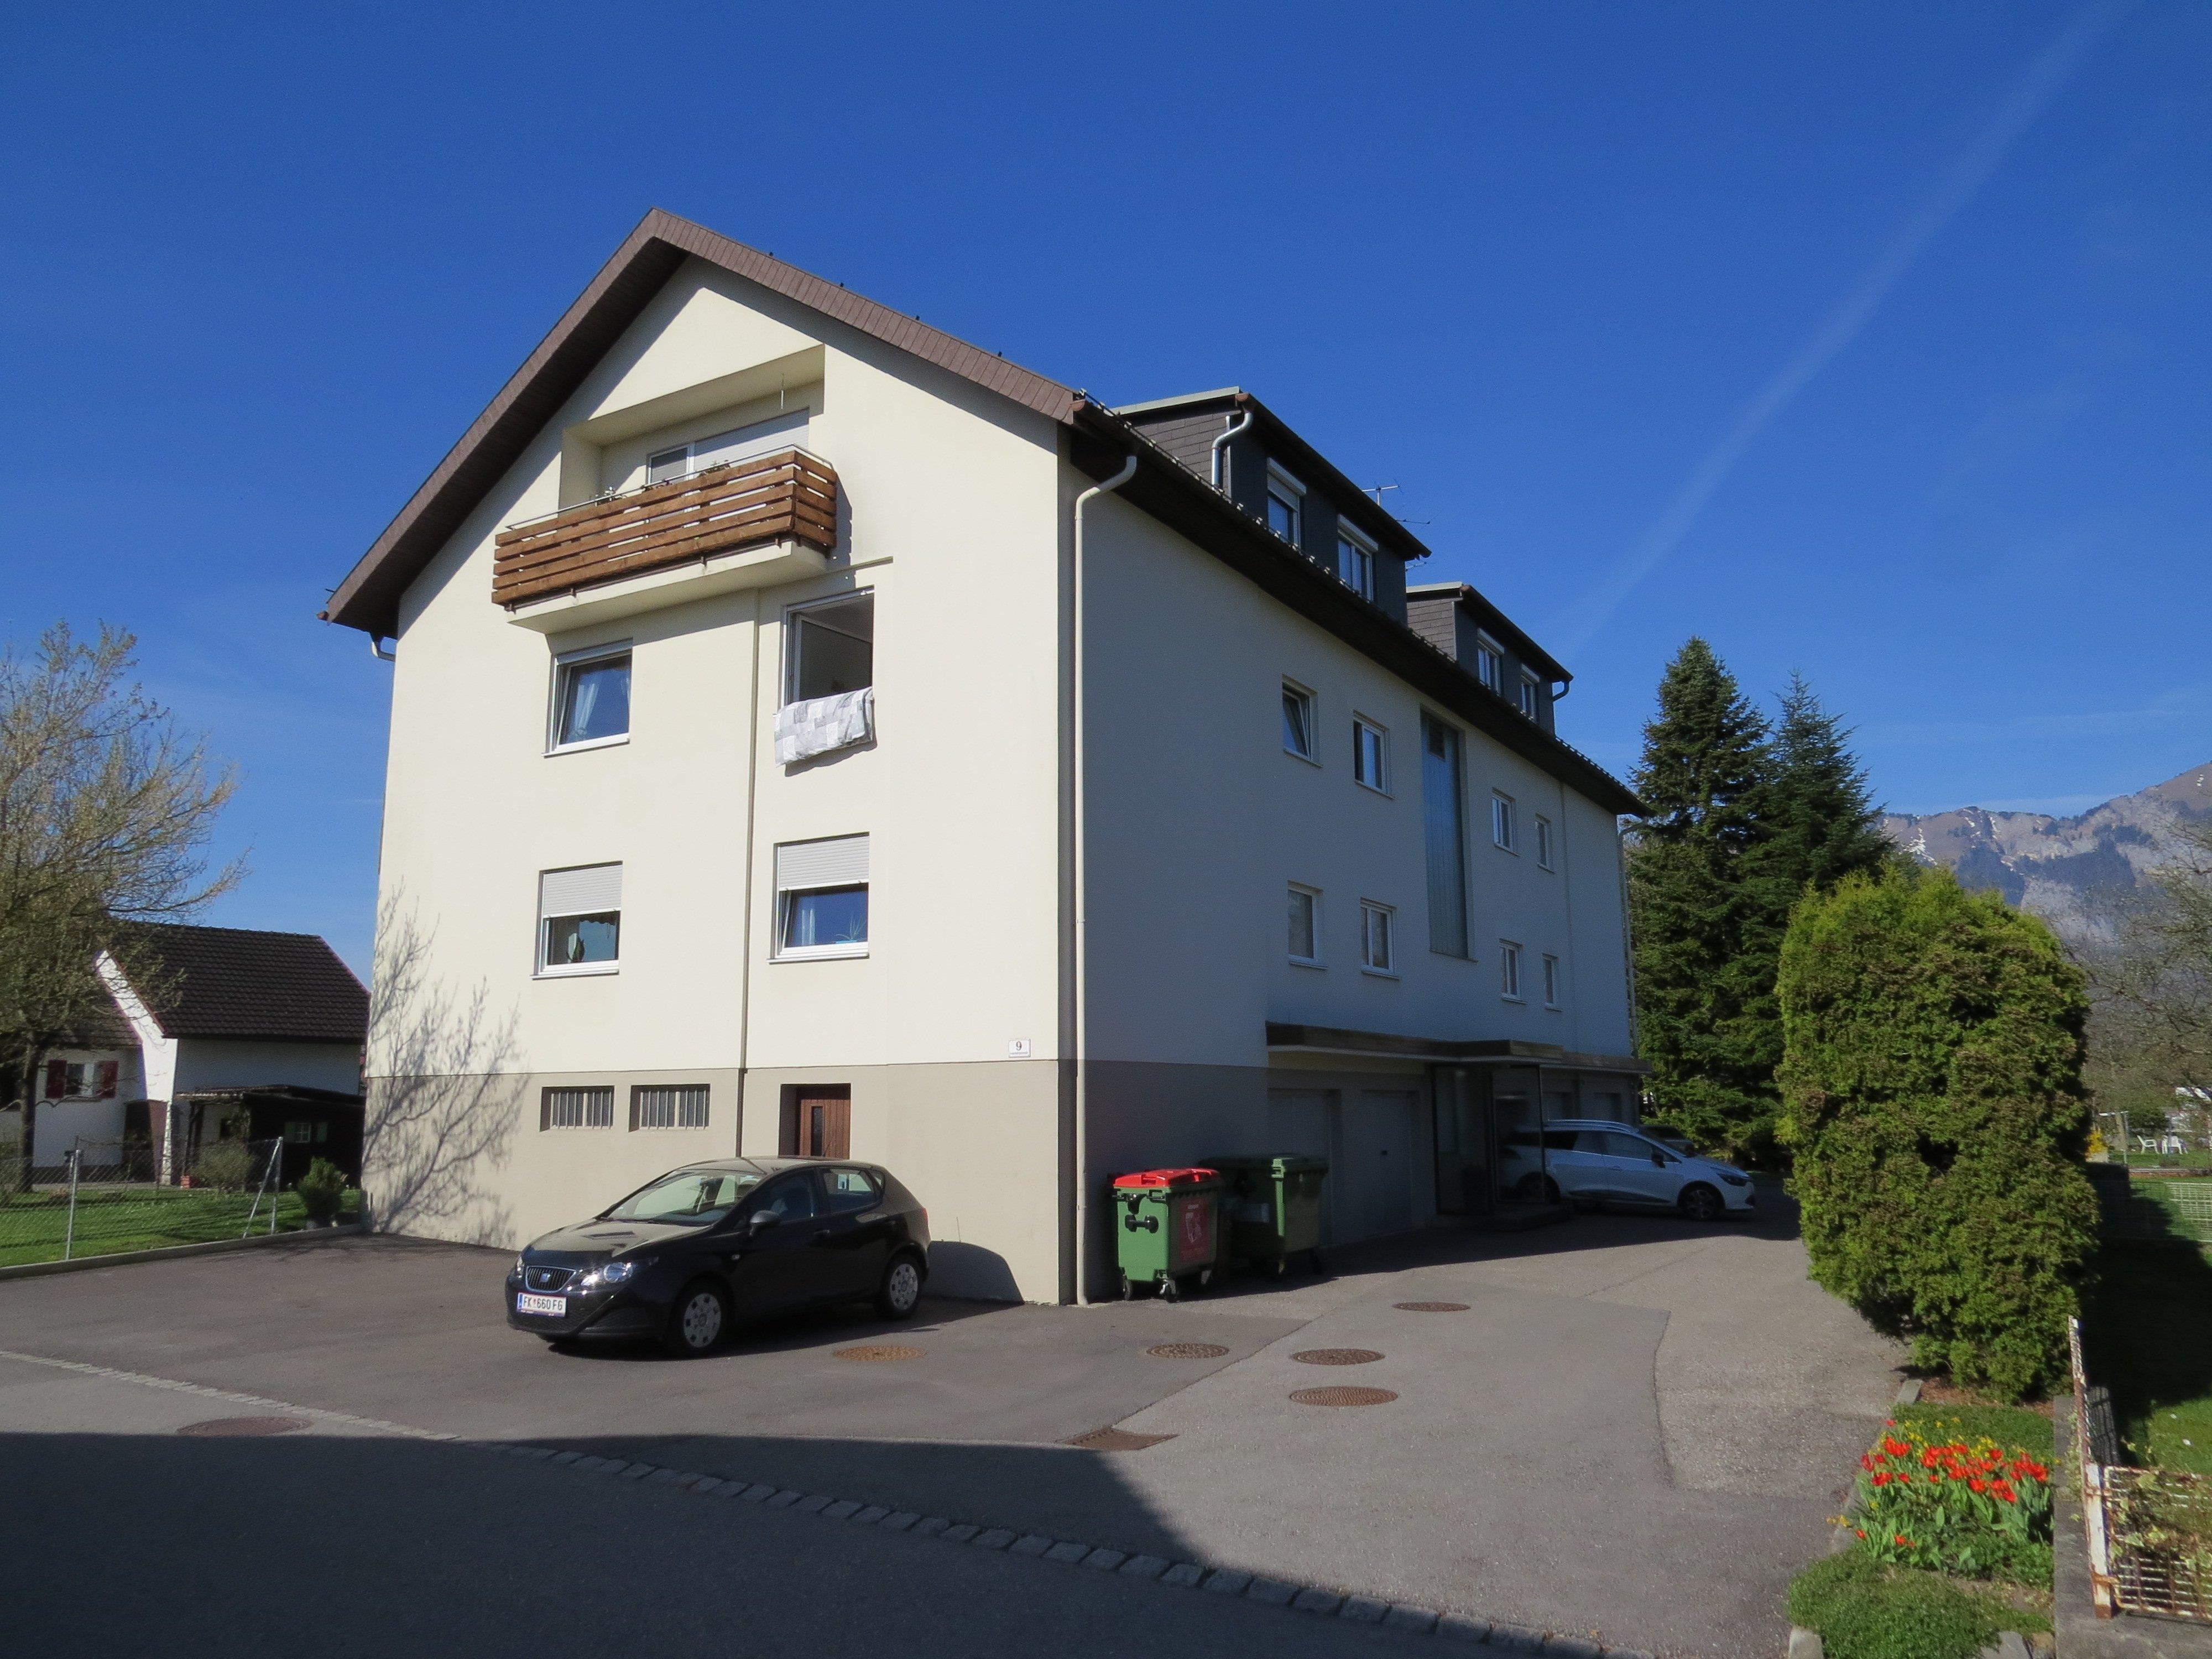 """Das erste und einzige """"Hochhaus"""" im Feldkircher Ortsteil Nofels befindet sich in der Gemeindegutstraße."""